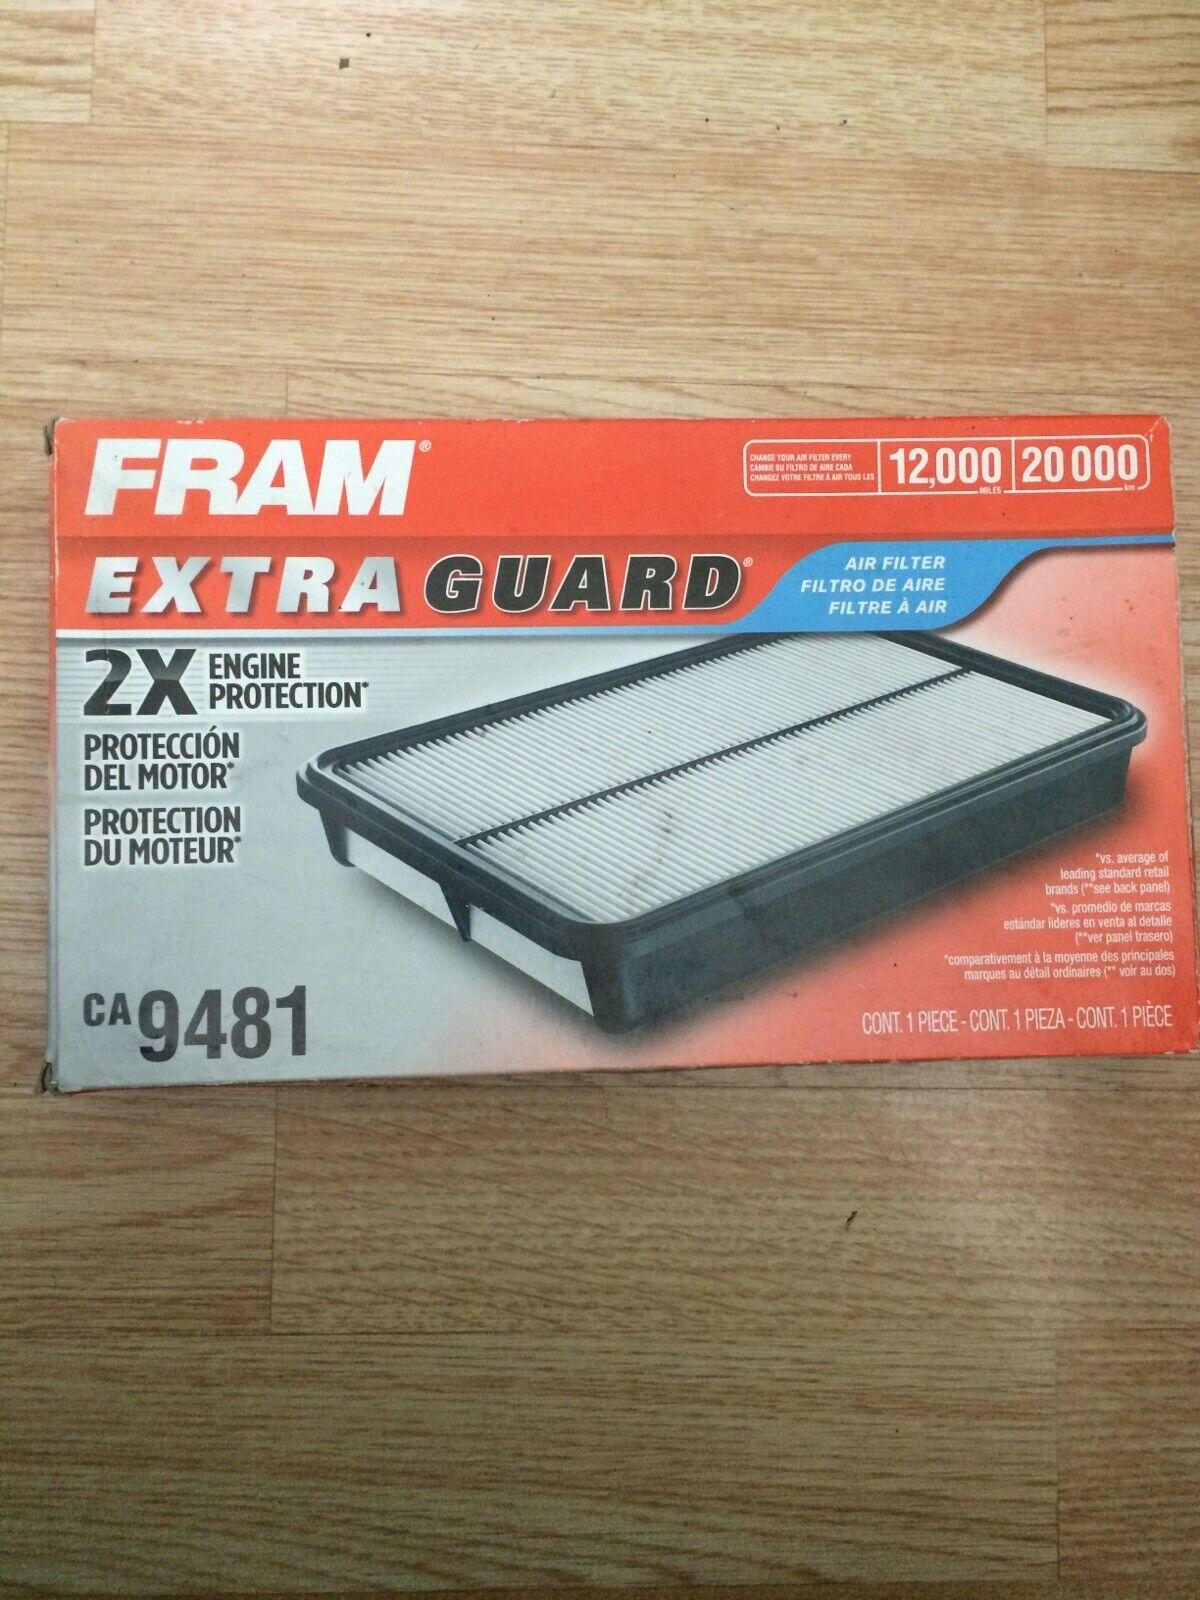 Fram CA9481 Extra Guard Rigid Panel Air Filter